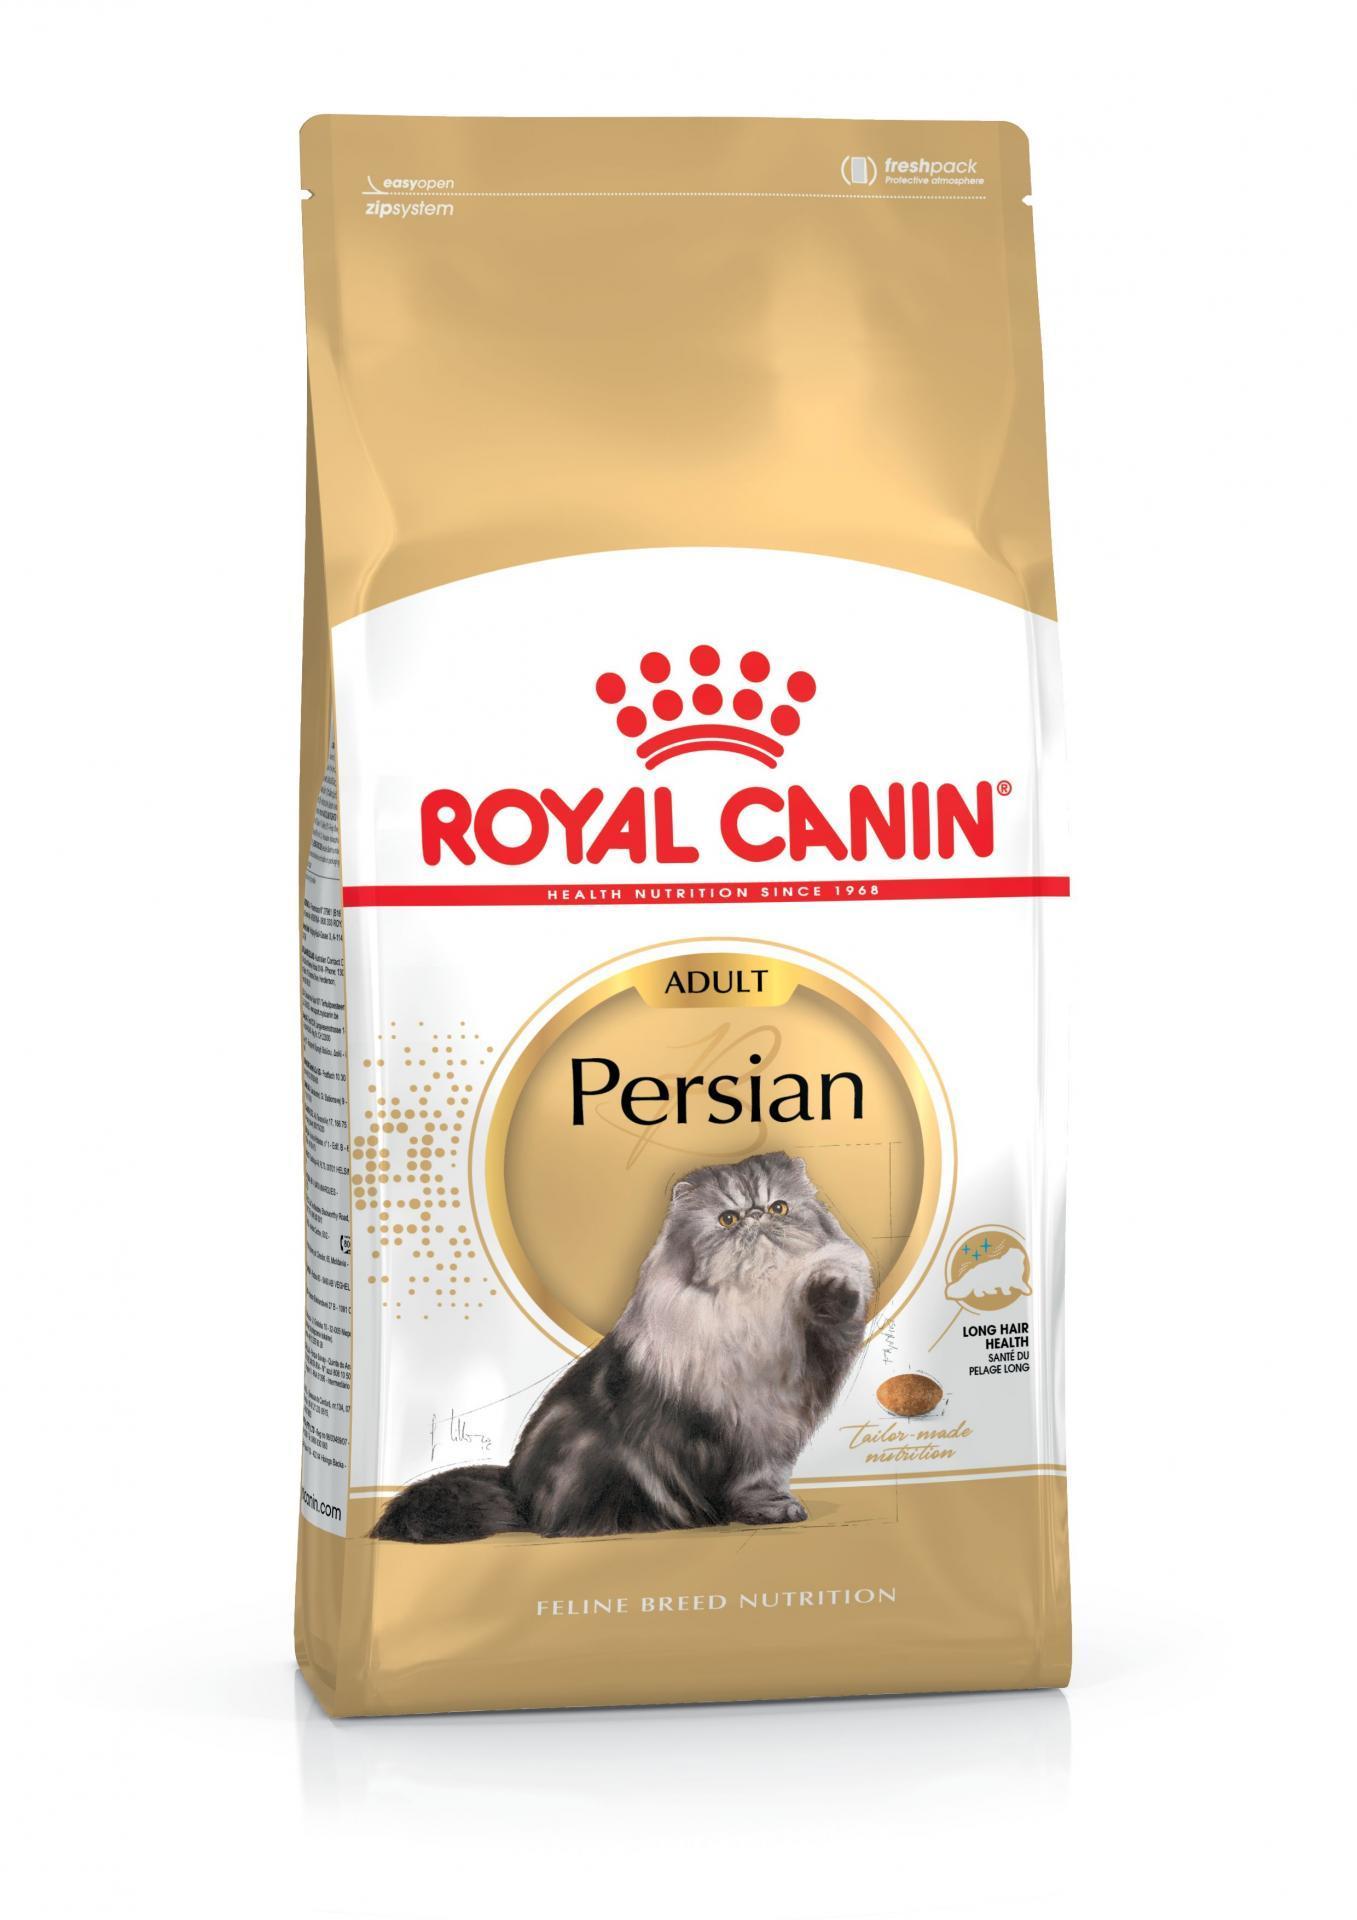 Royal Canin Persian